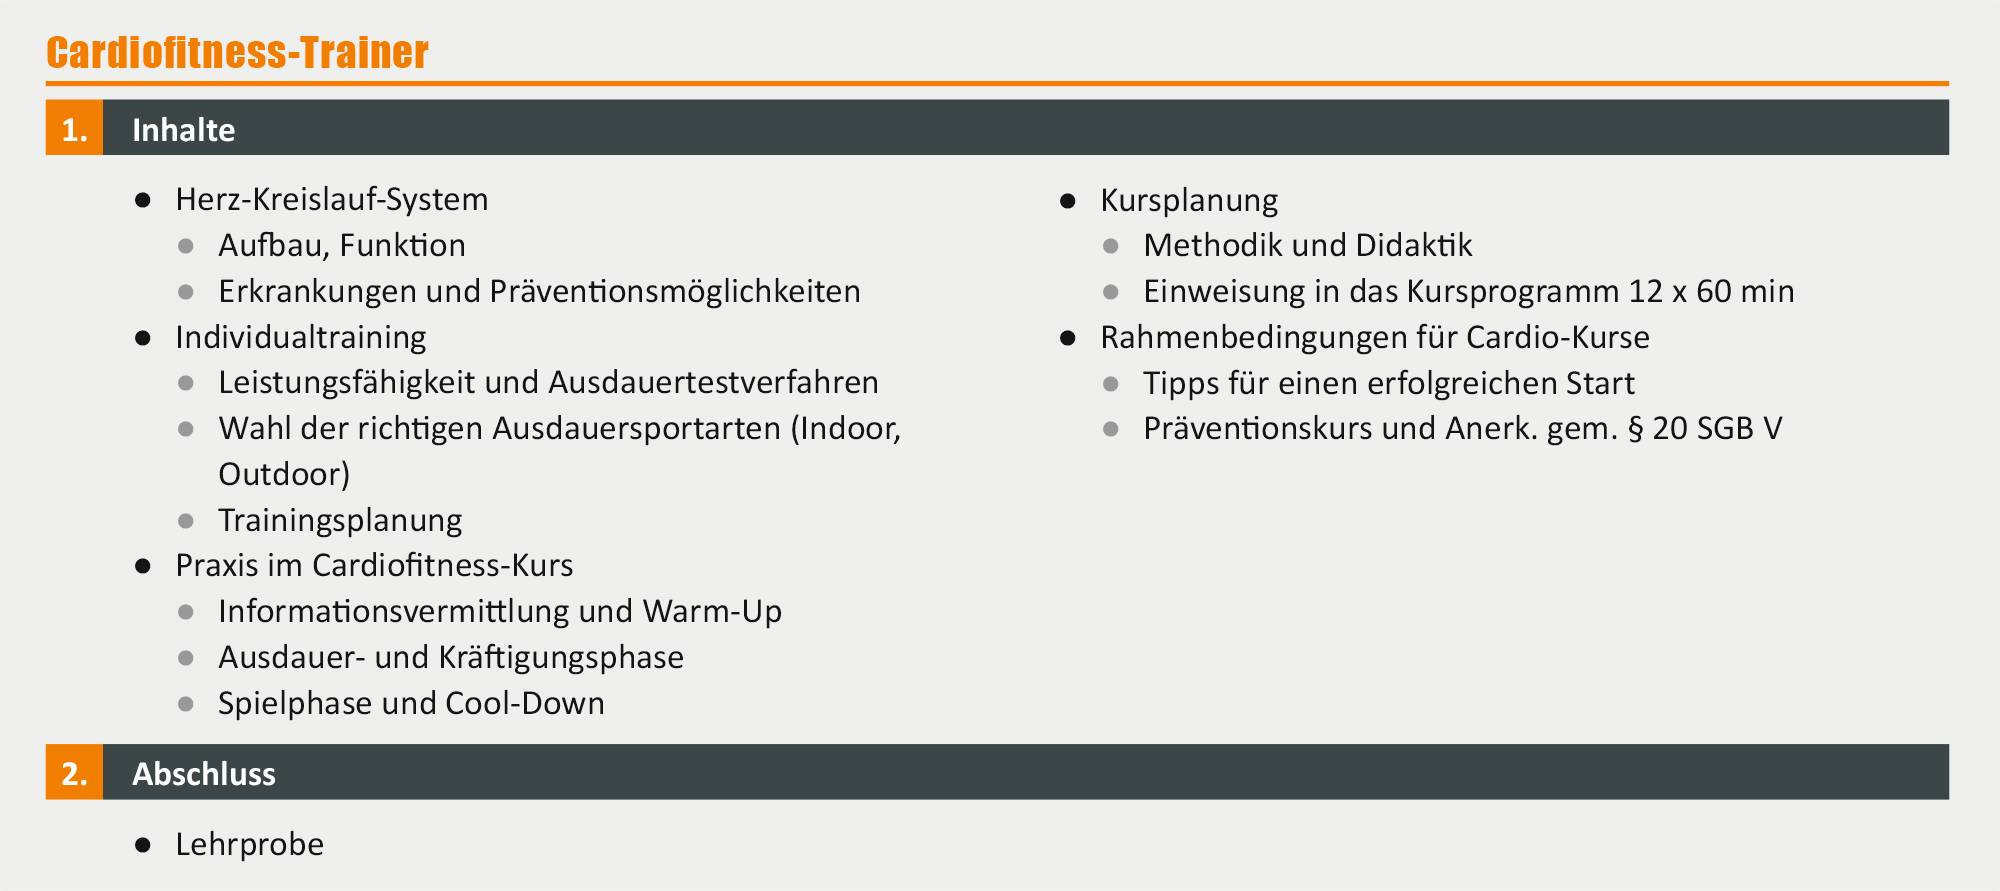 Cardiofitness-Trainer - Ausbildung in Berlin | deutschlandweit studieren